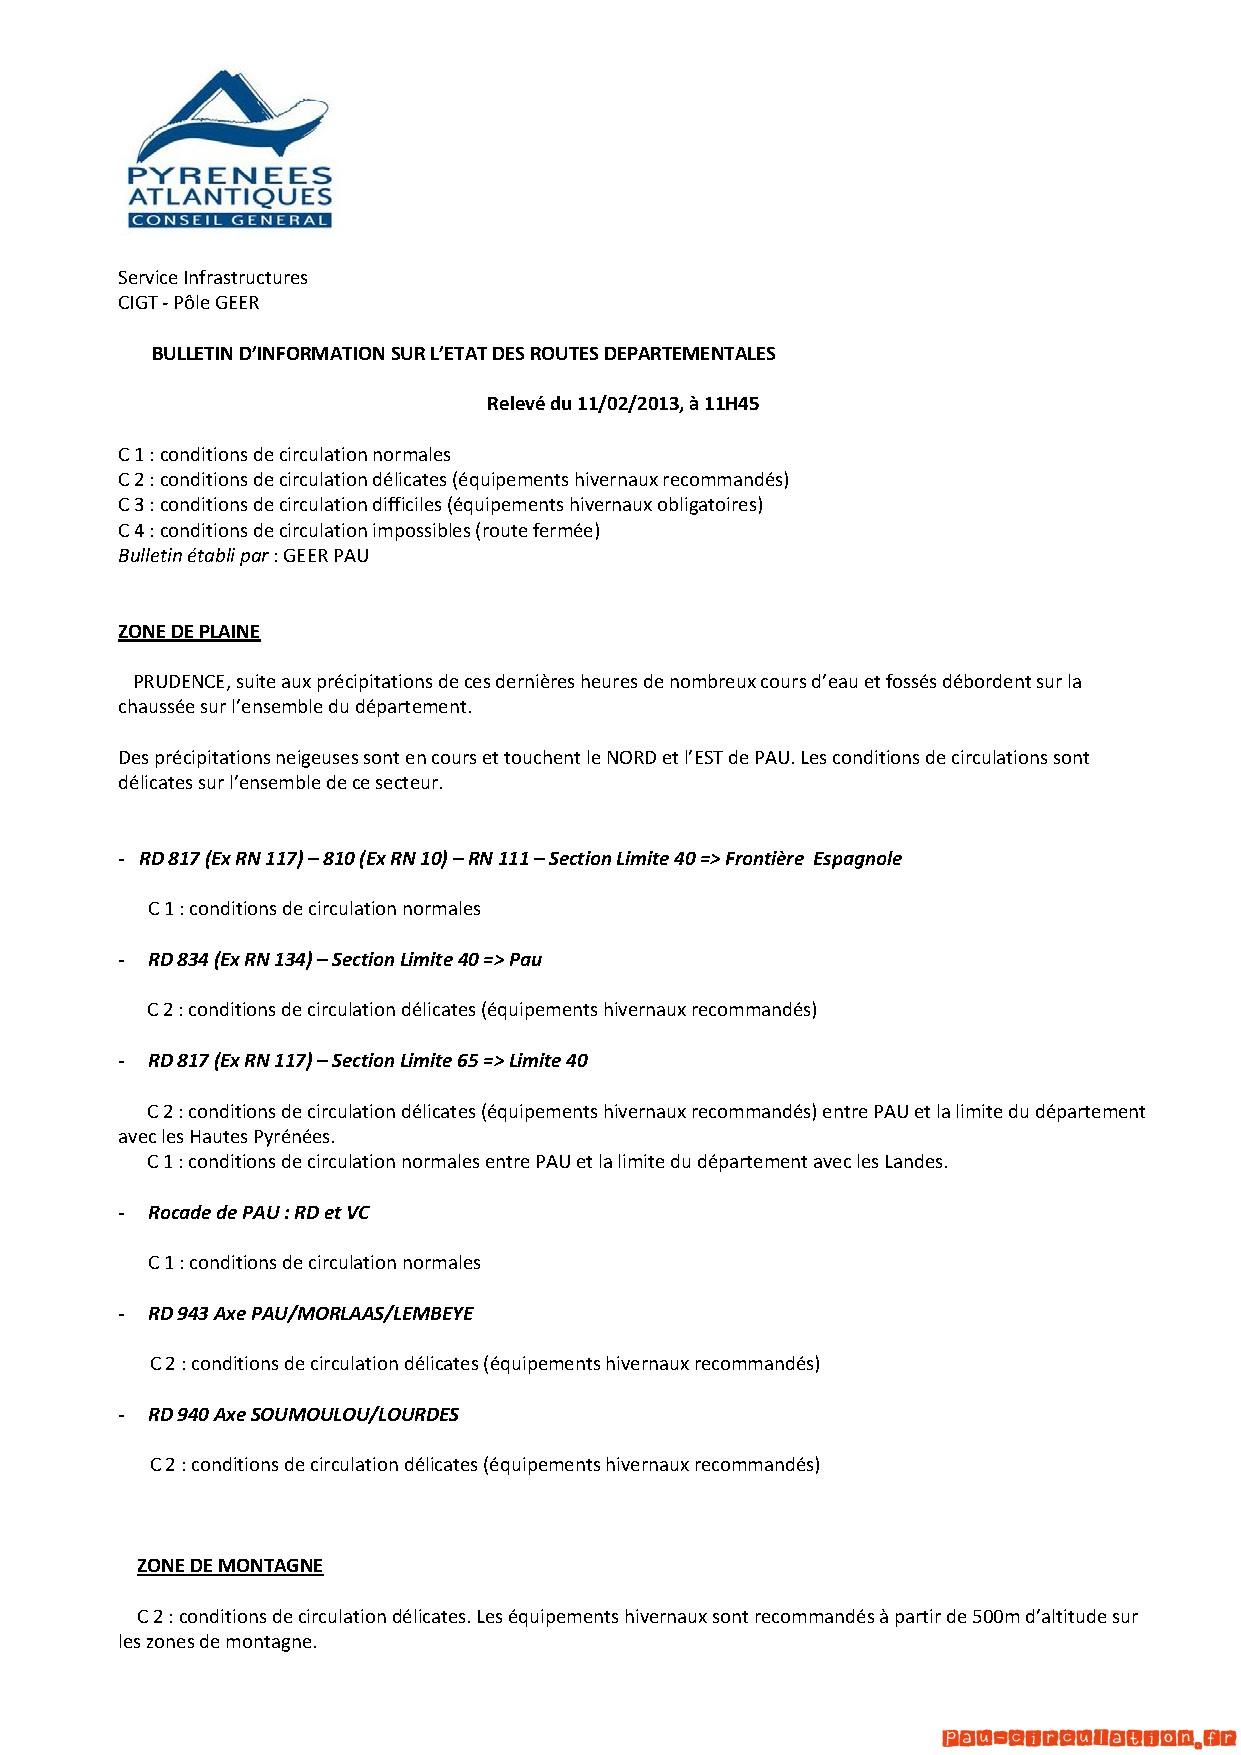 BULLETIN D'INFORMATION SUR L'ETAT DES ROUTES DEPARTEMENTALES 64